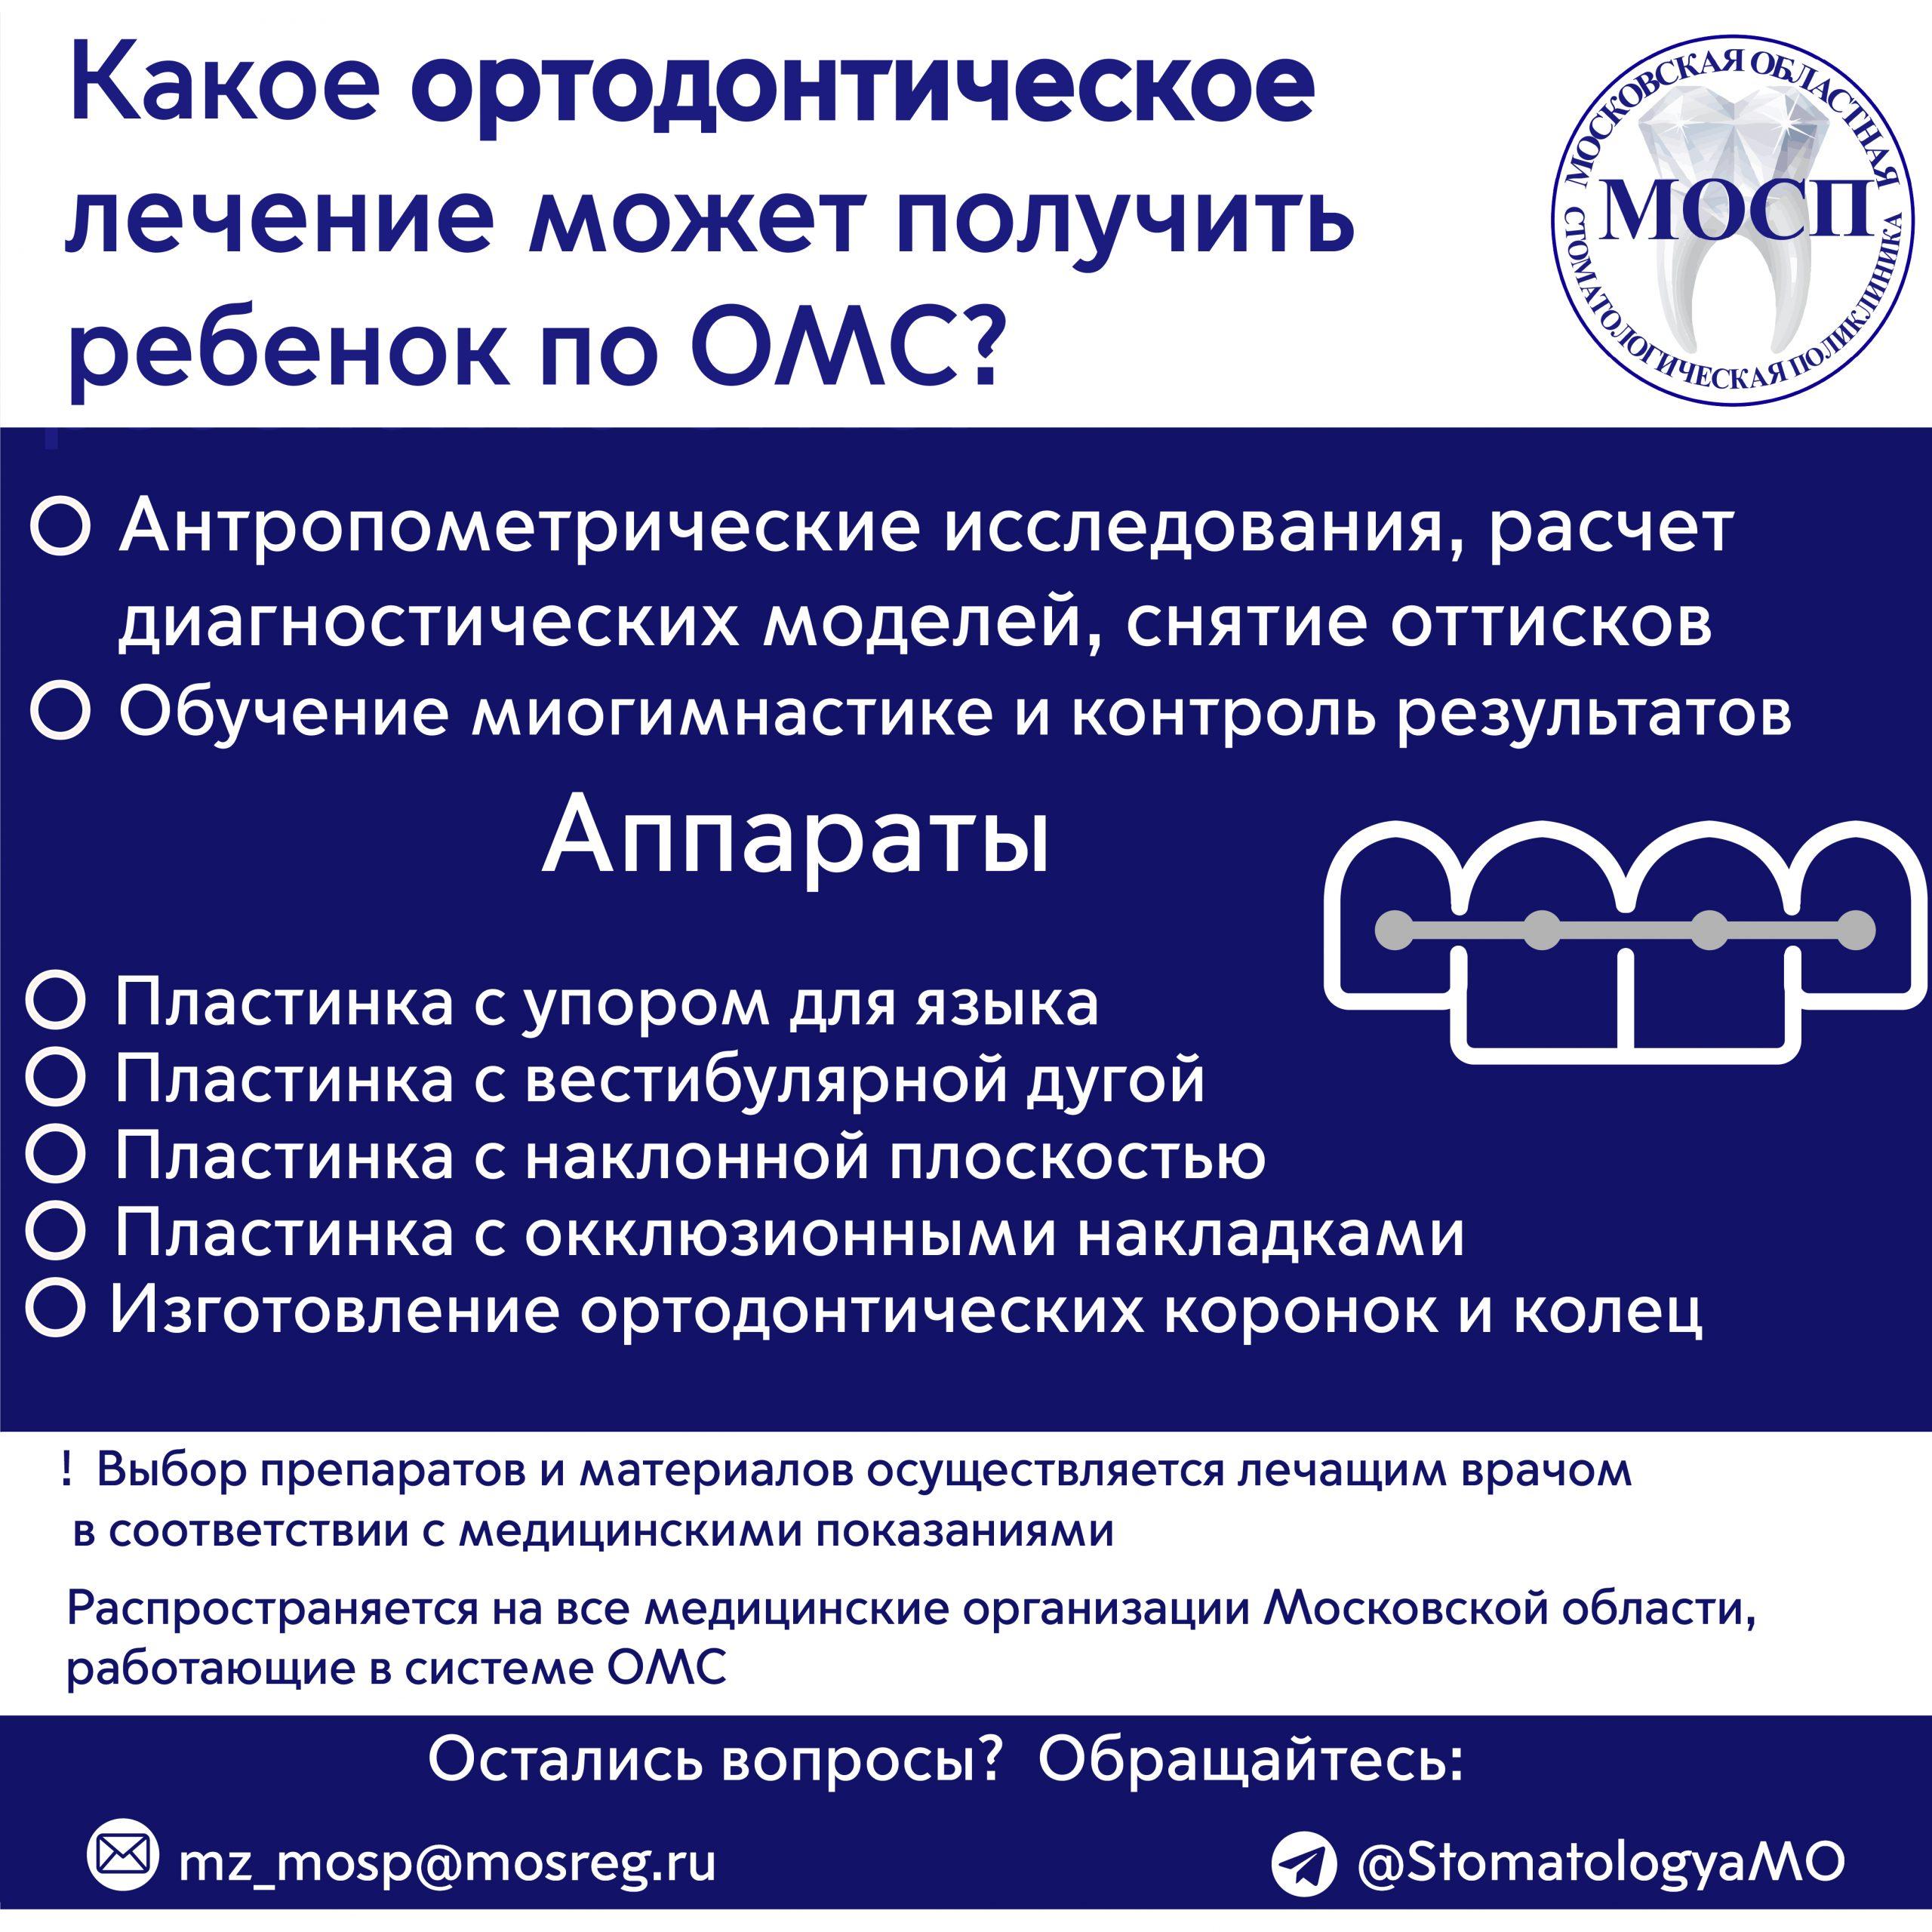 Памятка стоматология ОМС Ортодонтия